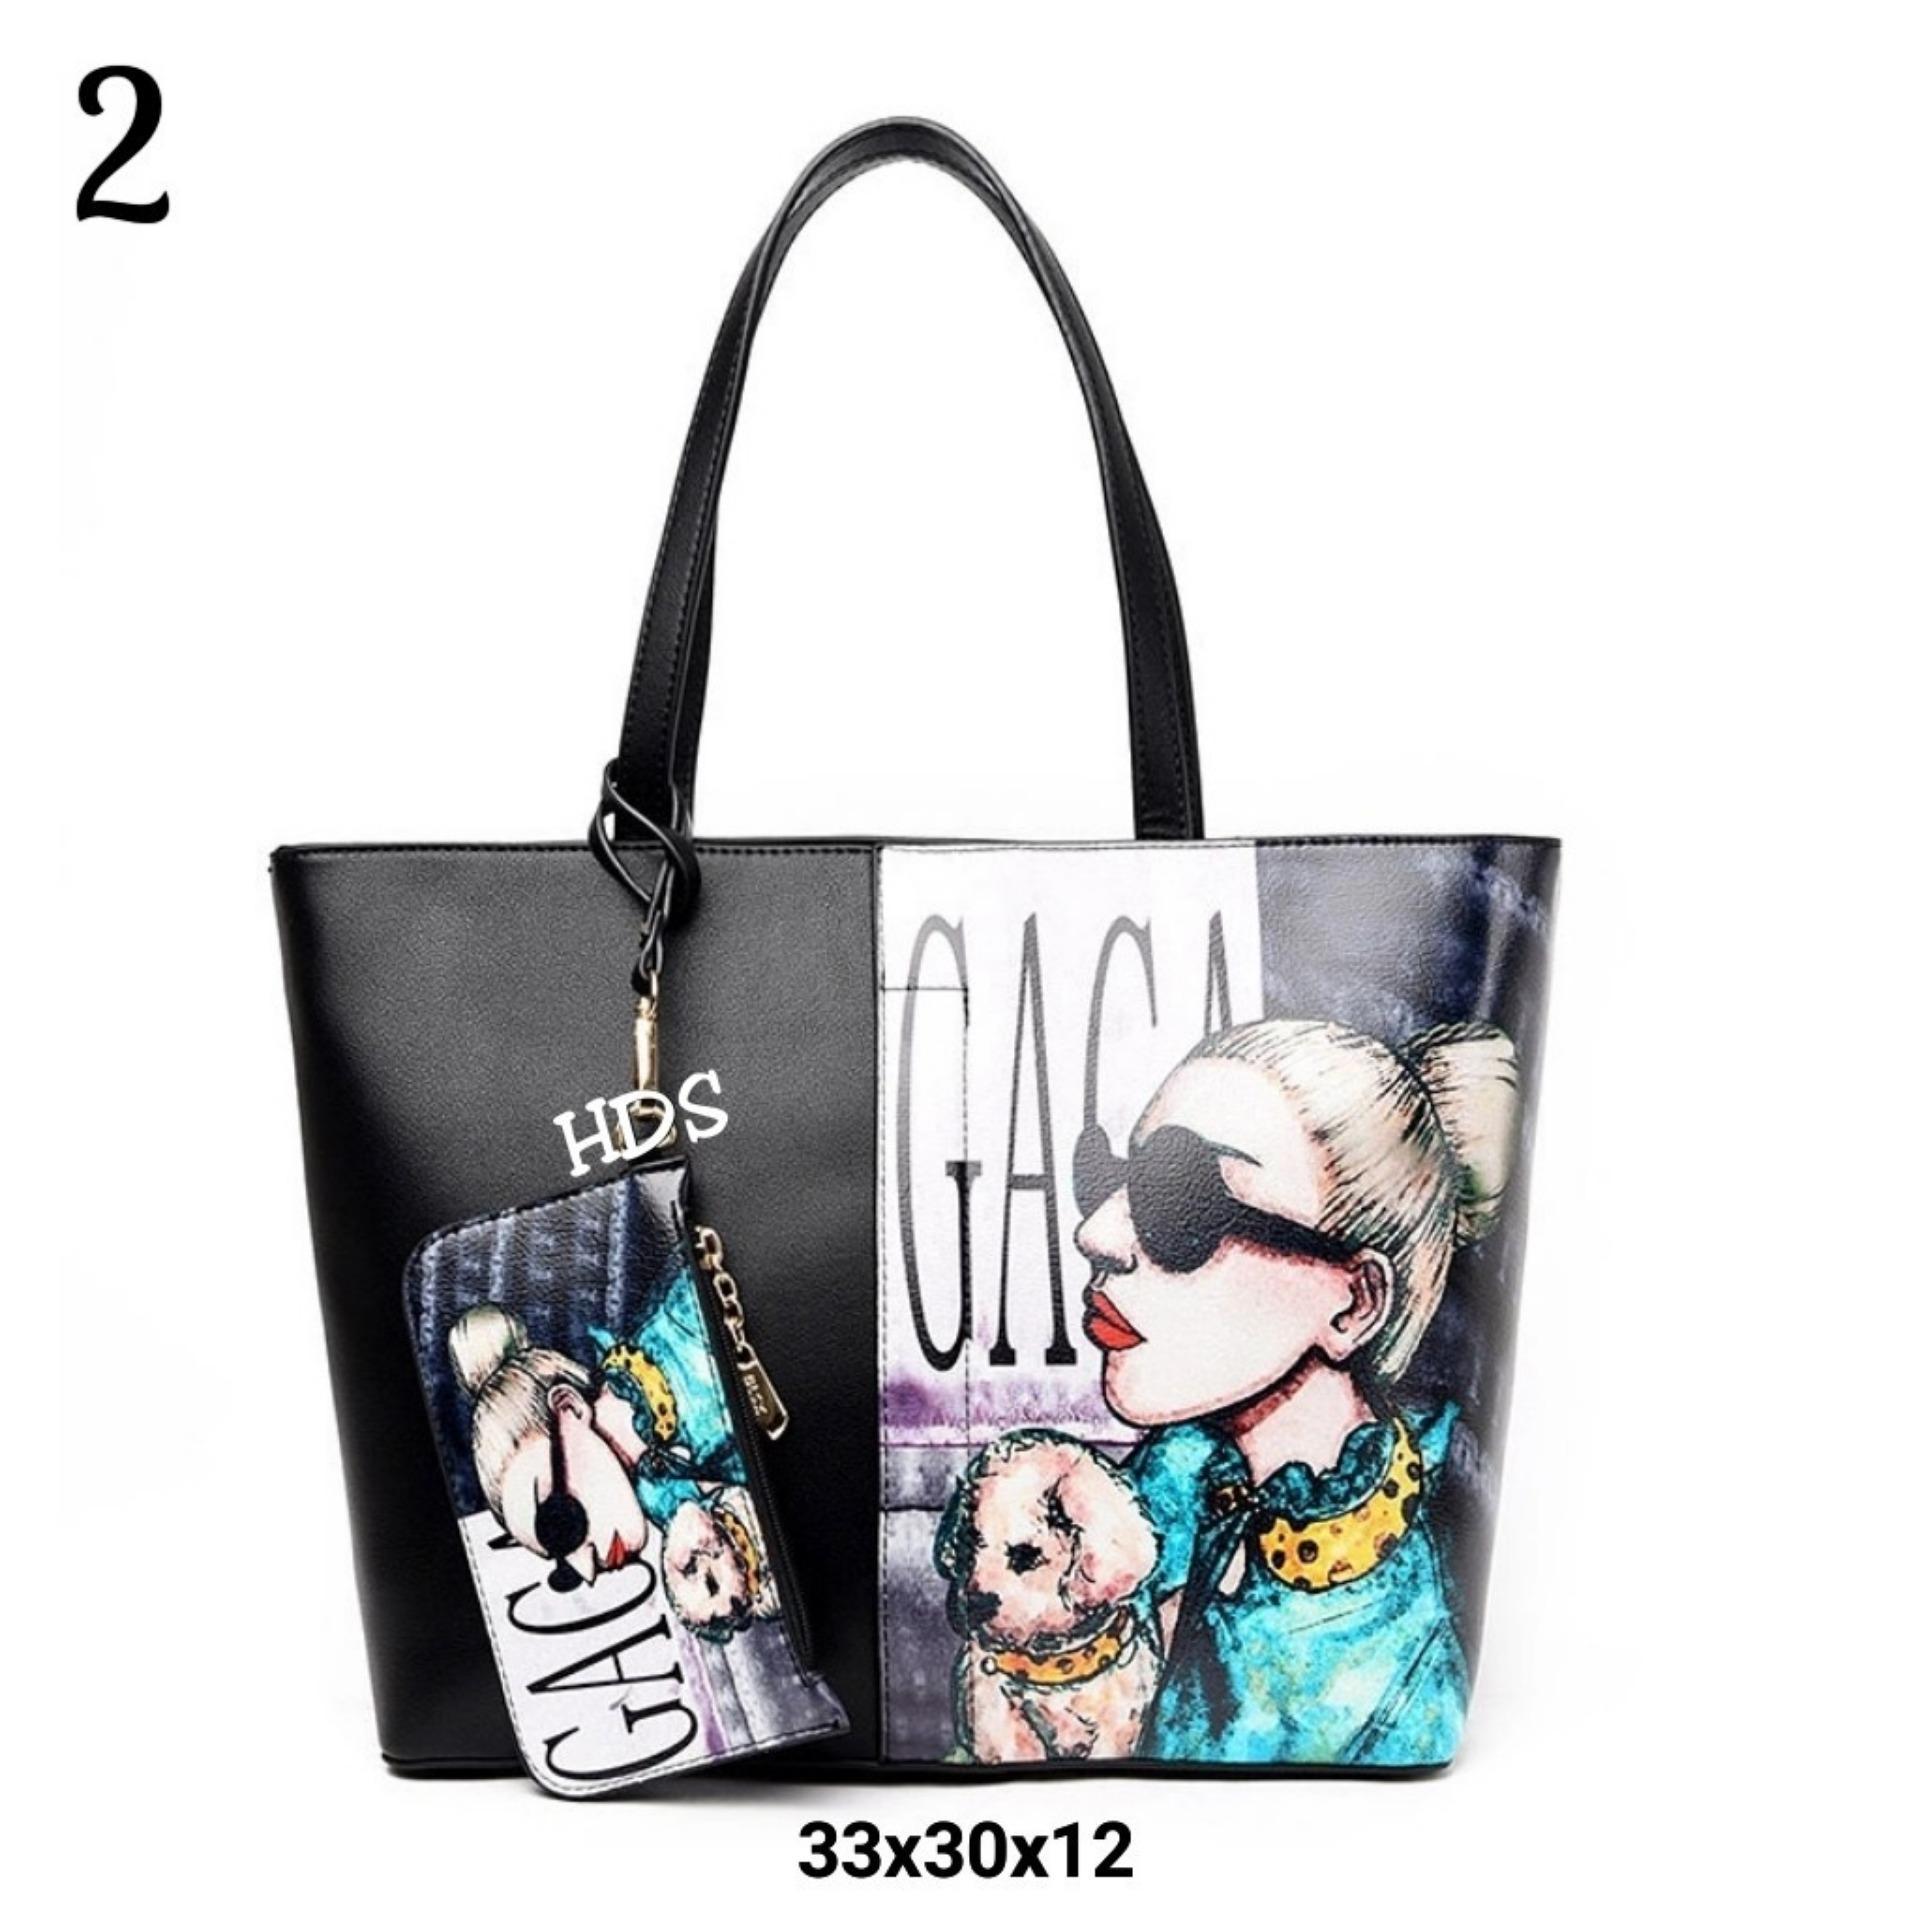 Amaryllis Tote Bag Printing Korean Style Lady Gaga / Tas Selempang Wanita Korean Style